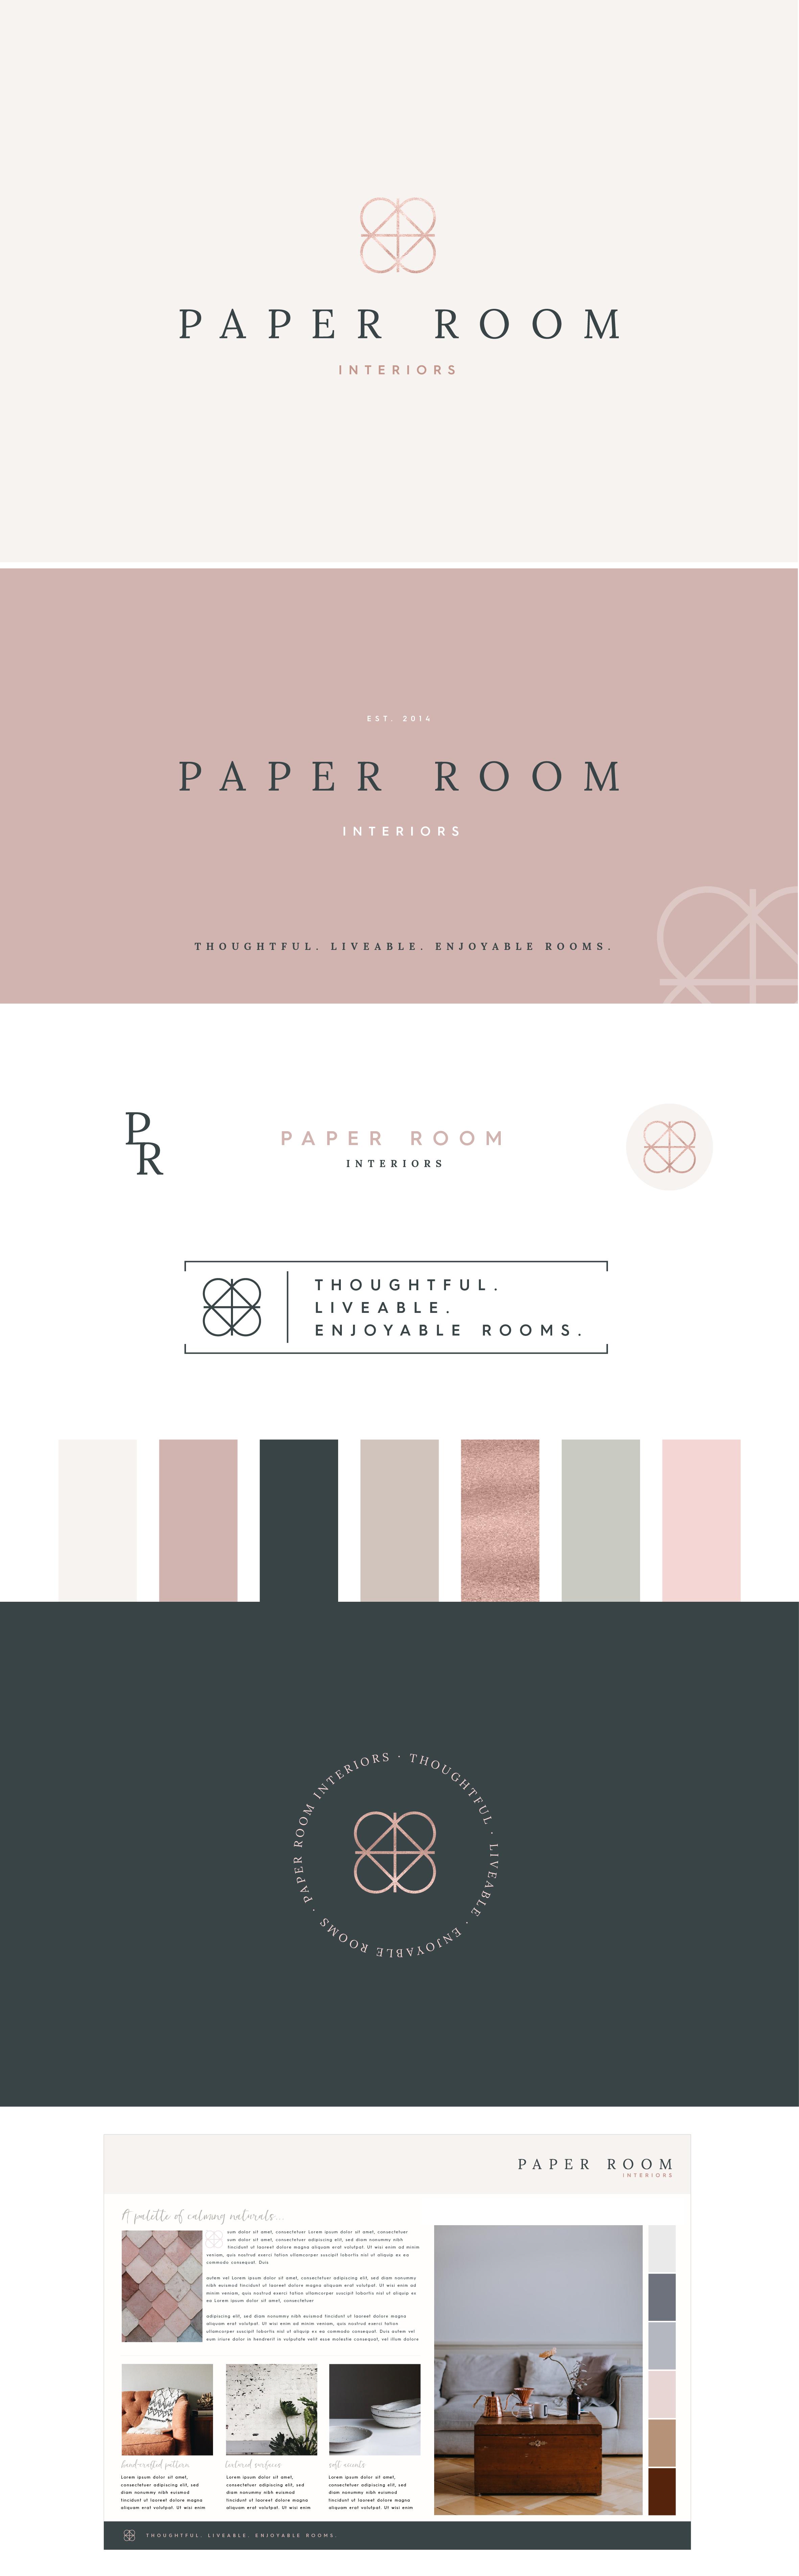 branding examples 2019 onward-02